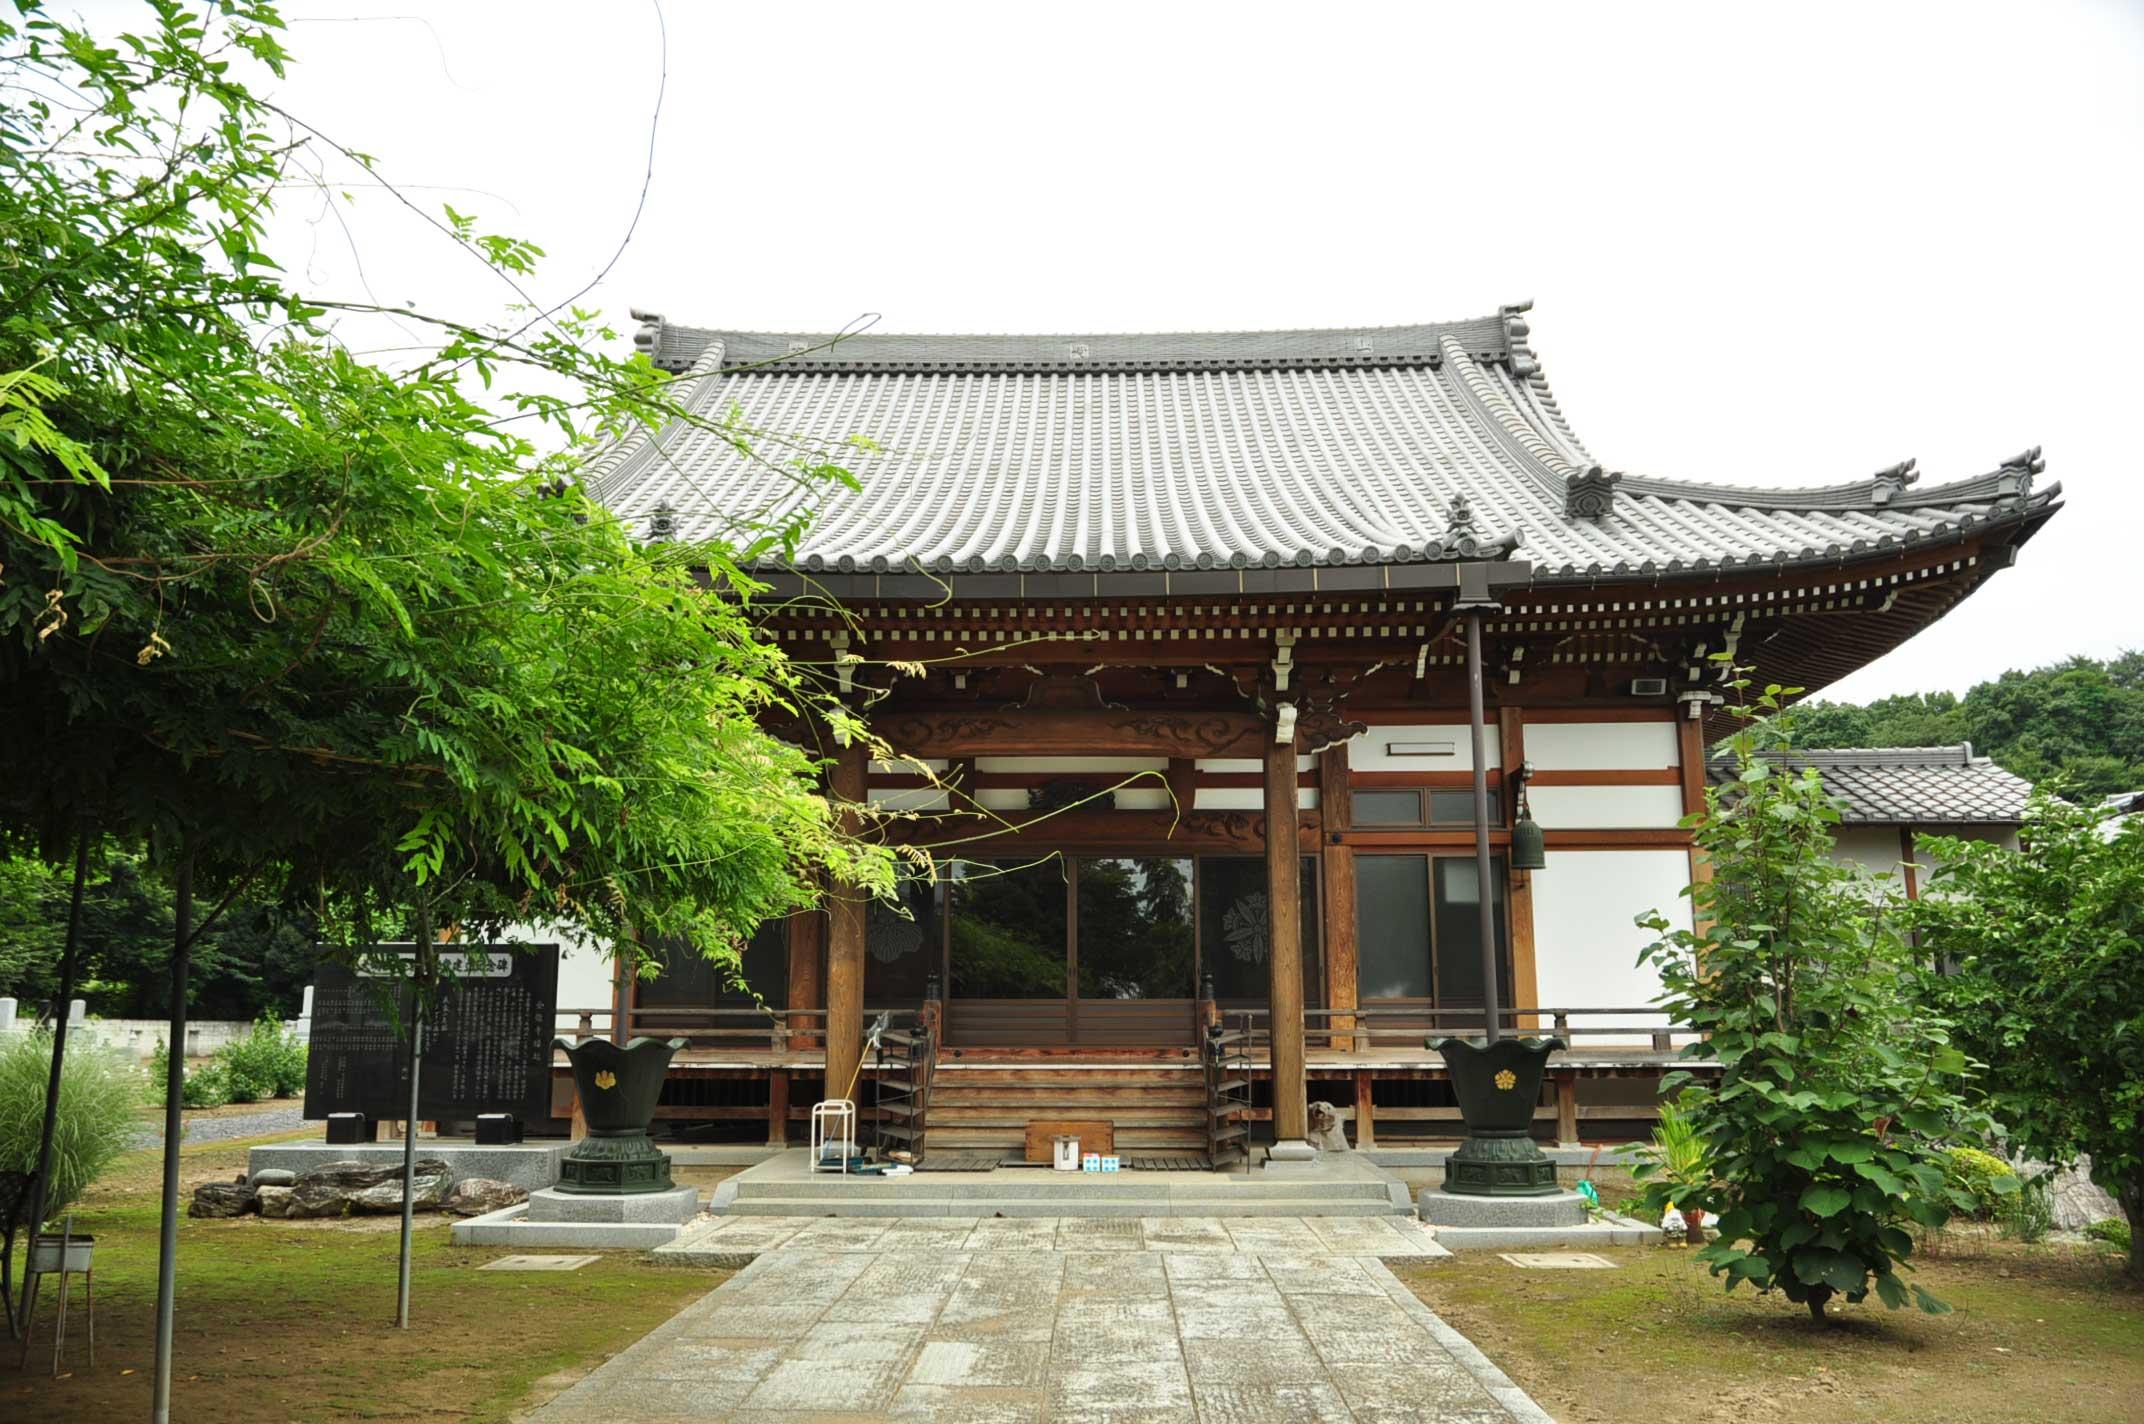 全龍寺(ぜんりゅうじ)墓苑